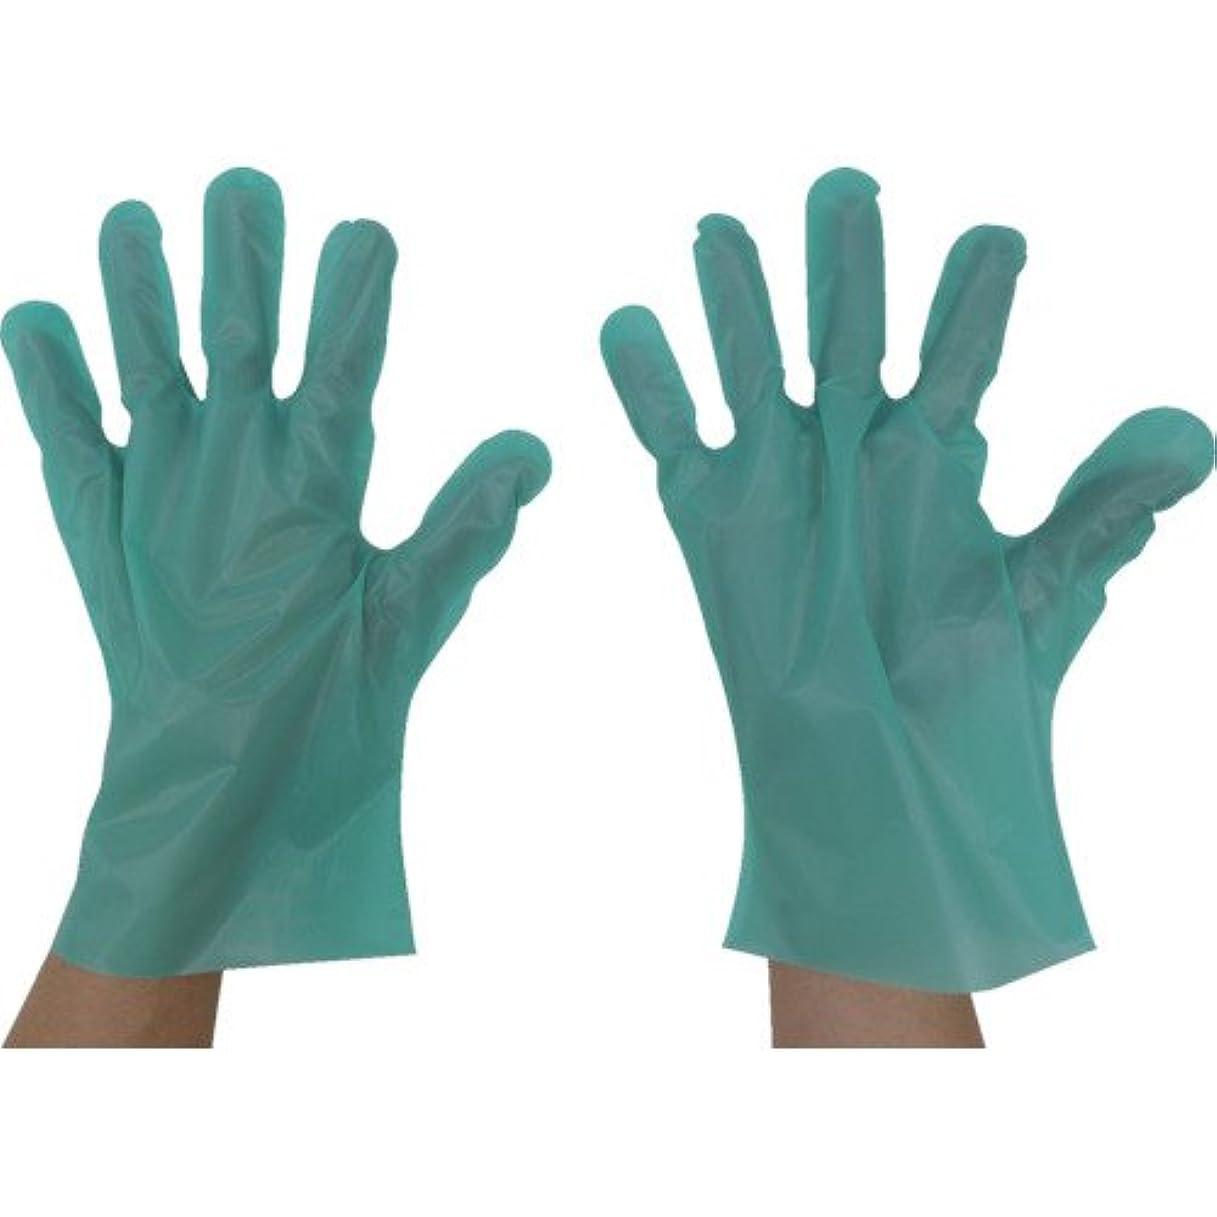 掃くタワー自分の東京パック エンボス手袋五本絞りエコノミー化粧箱M グリーン(入数:200枚) GEK-M